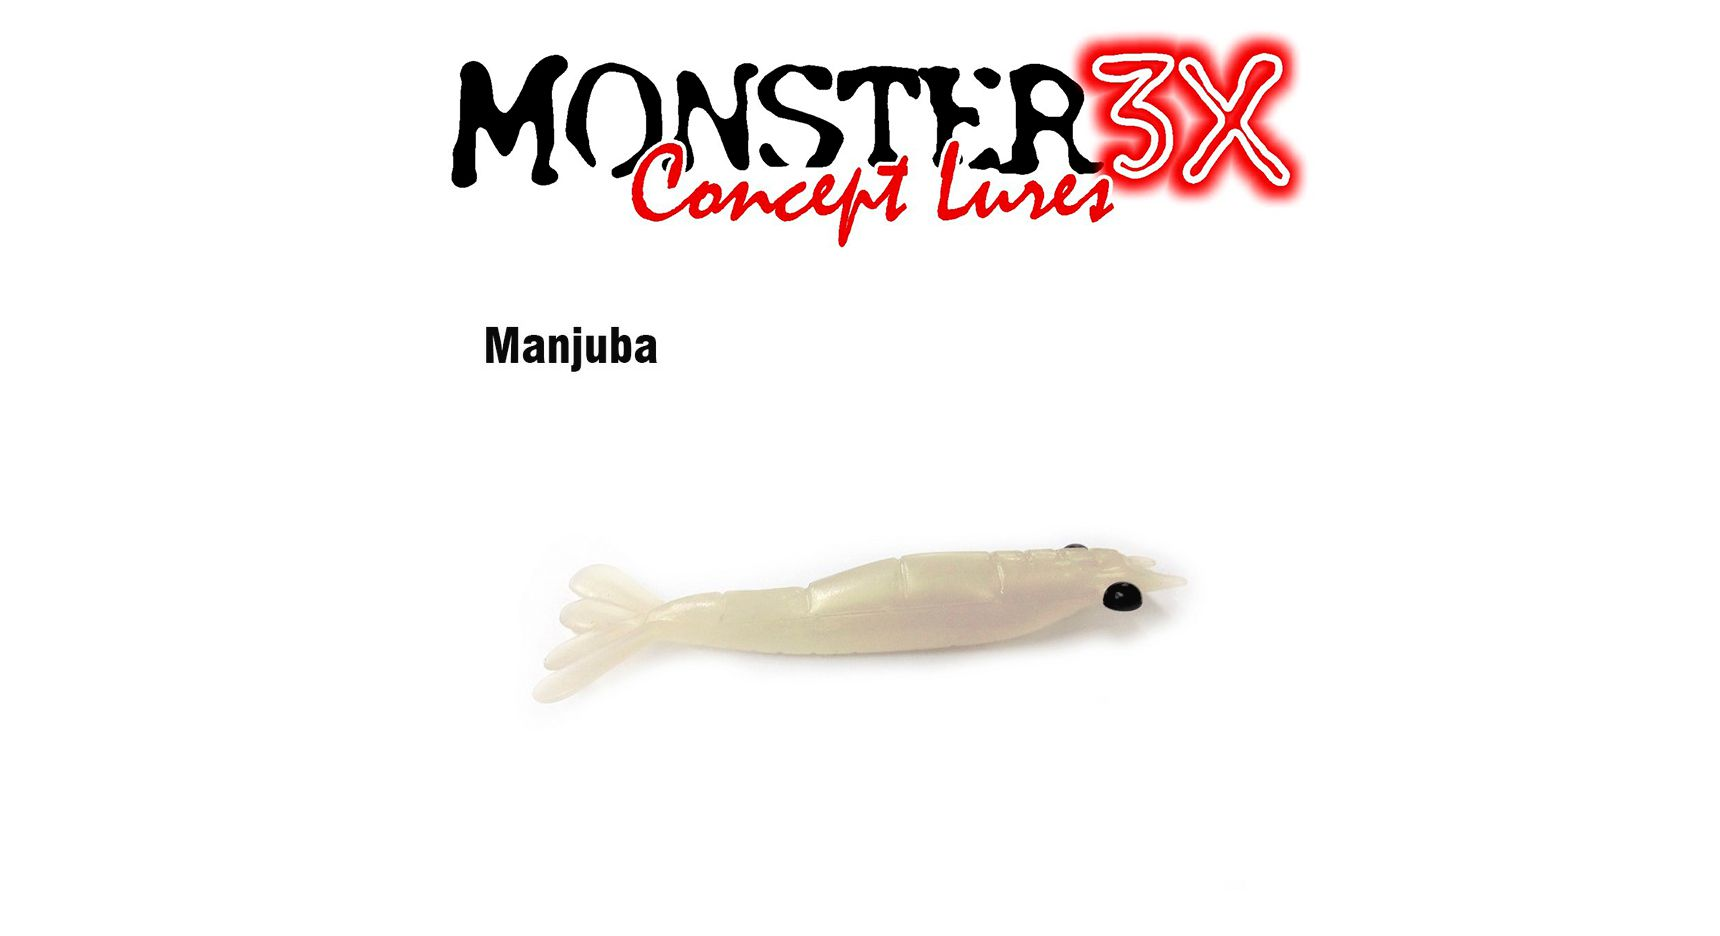 Isca Artificial Soft Monster 3X Ultra Soft (7,5 cm) 3 Unidades - Várias Cores  - Life Pesca - Sua loja de Pesca, Camping e Lazer